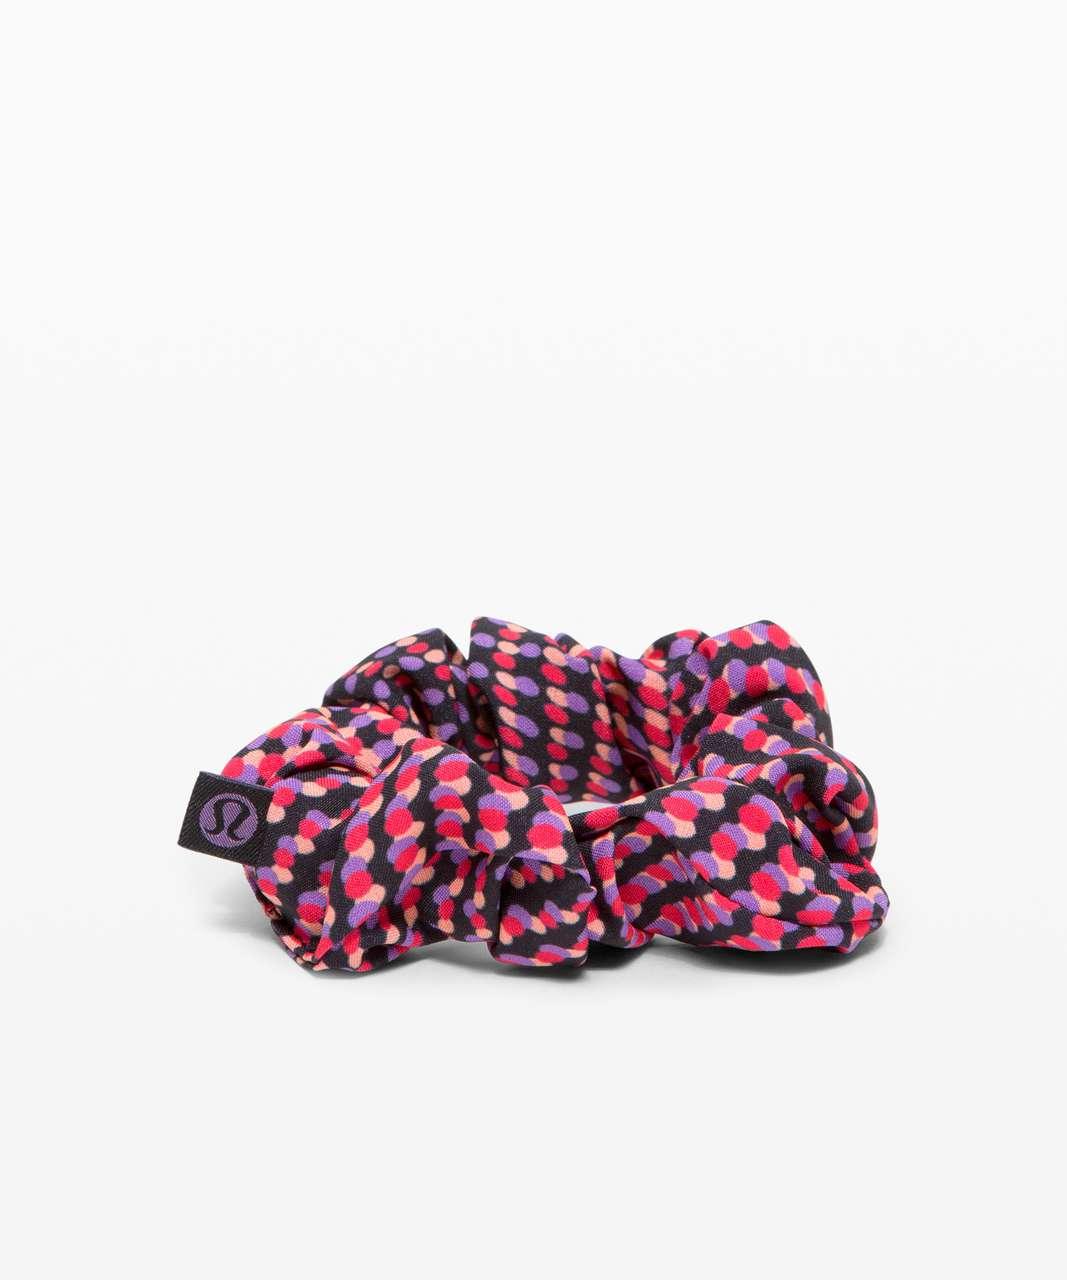 Lululemon Uplifting Scrunchie *SeaWheeze - Race Pace Flare Multi